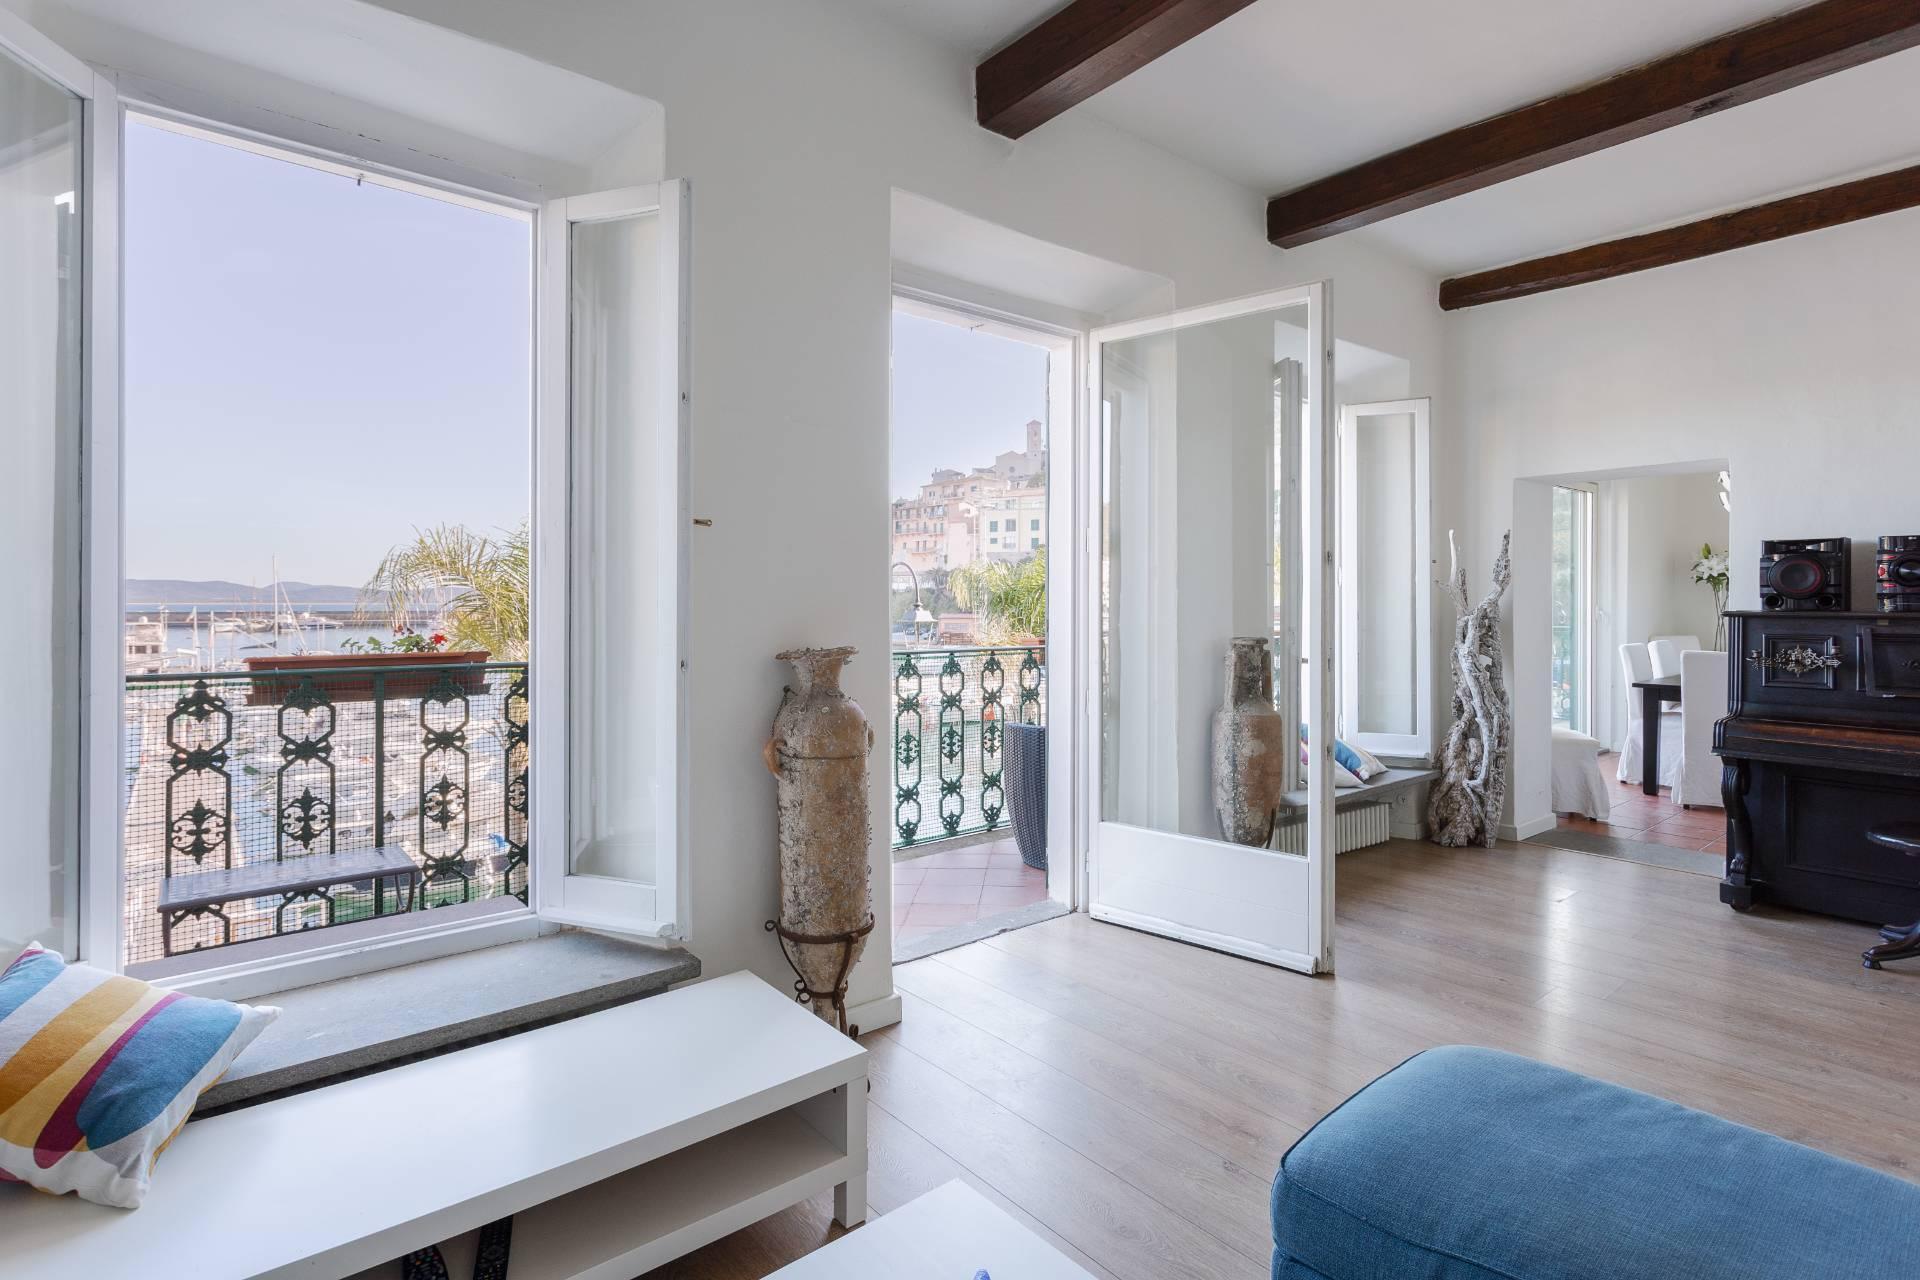 Porto Ercole - Superbe maison familiale en bord  dans un bâtiment historique - 4